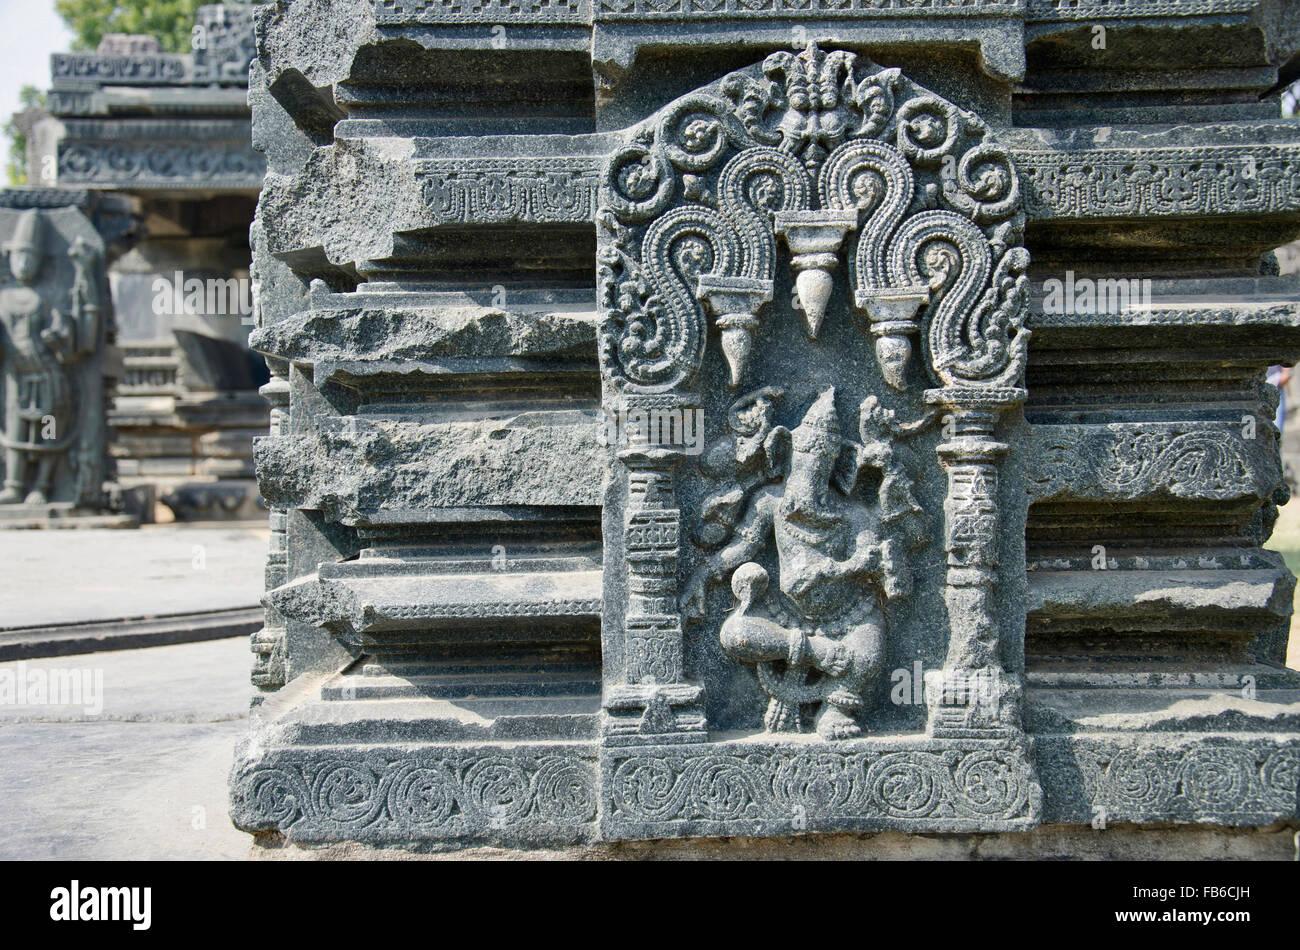 Standing Ganesh Idol Stock Photos & Standing Ganesh Idol